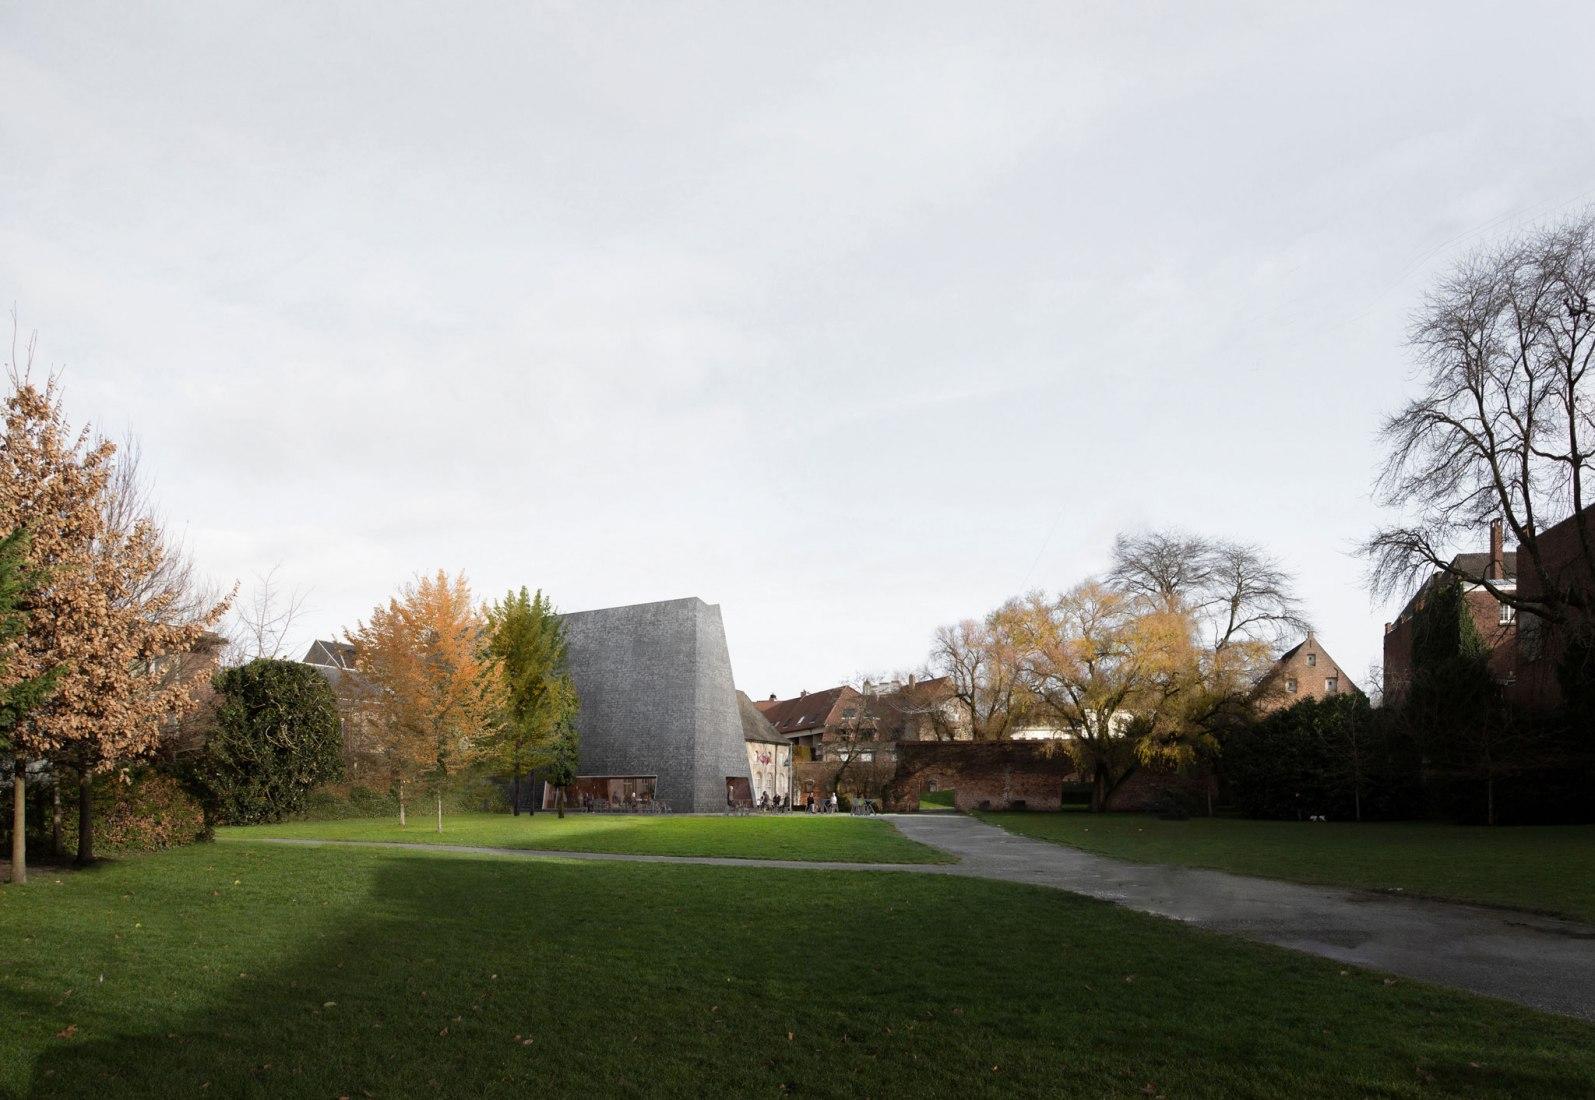 Visualización. Espacio de exposición y arte de la abadía de Groeninge por Barozzi Veiga, Tab Architects y Koplamp Architecten